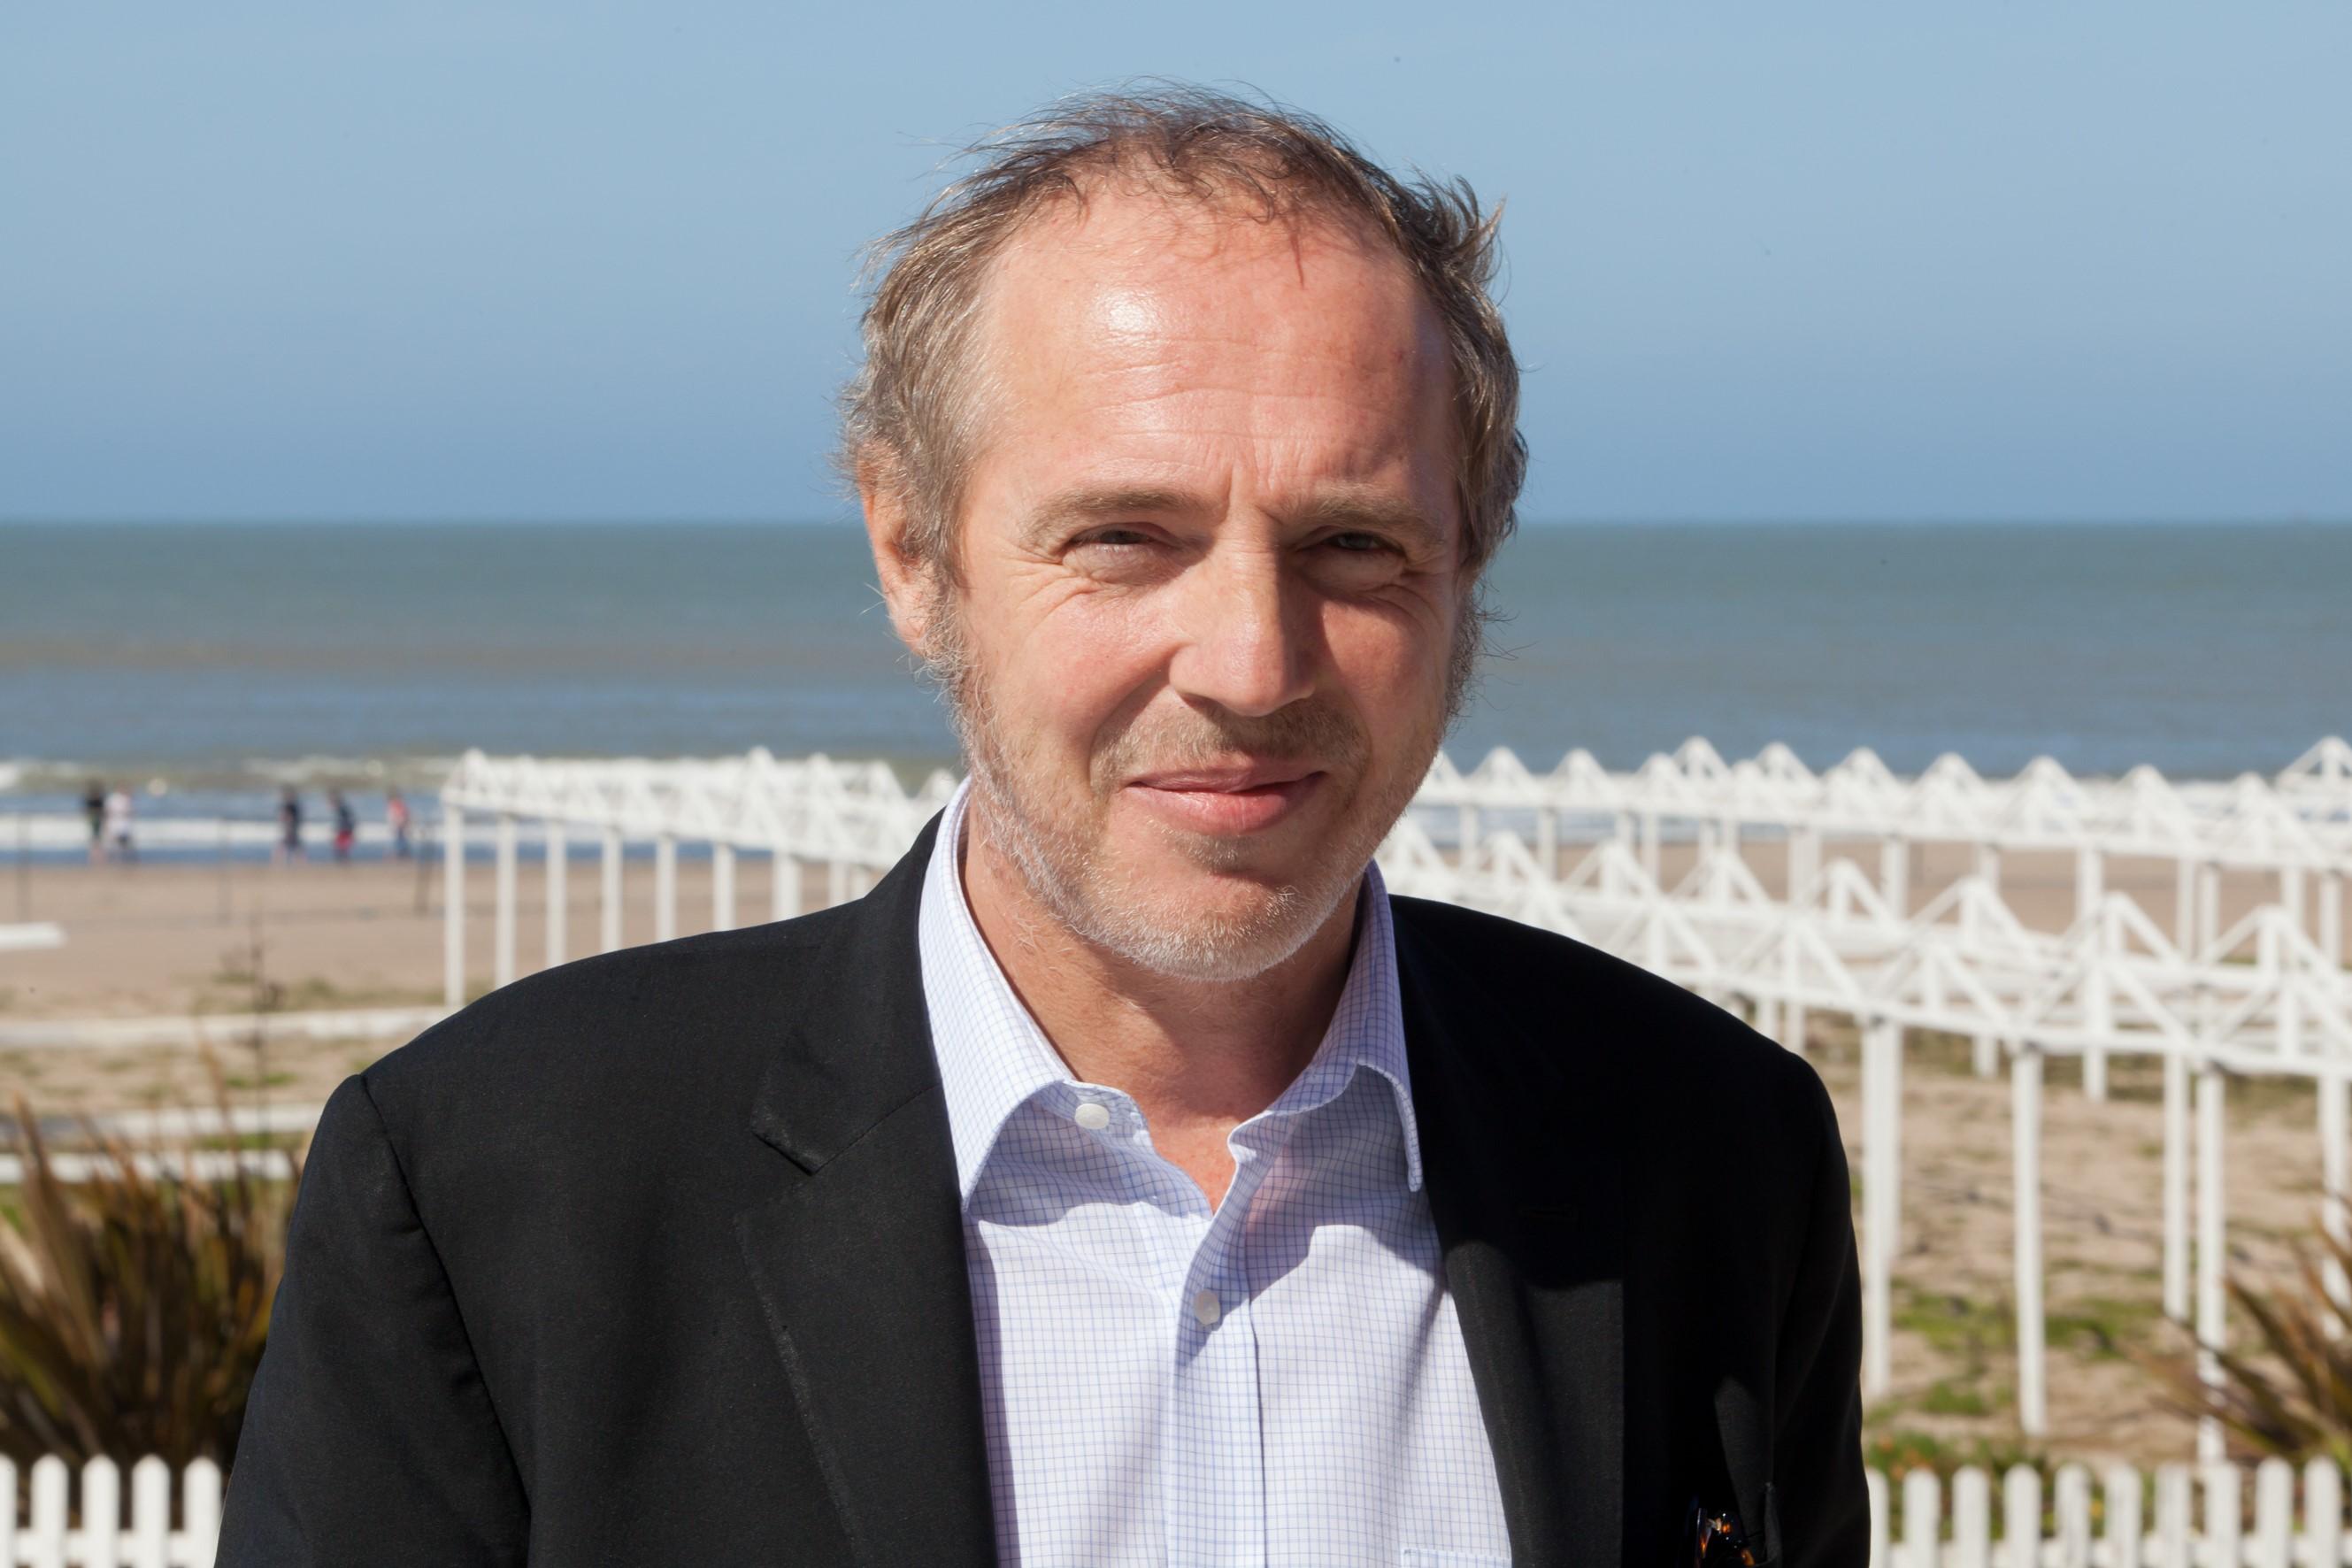 Arnaud Desplechin, sur le bord de mer de Mar del Plata, dans le cadre du festival. Crédits : Festival Internacional de Cine de Mar del Plata.